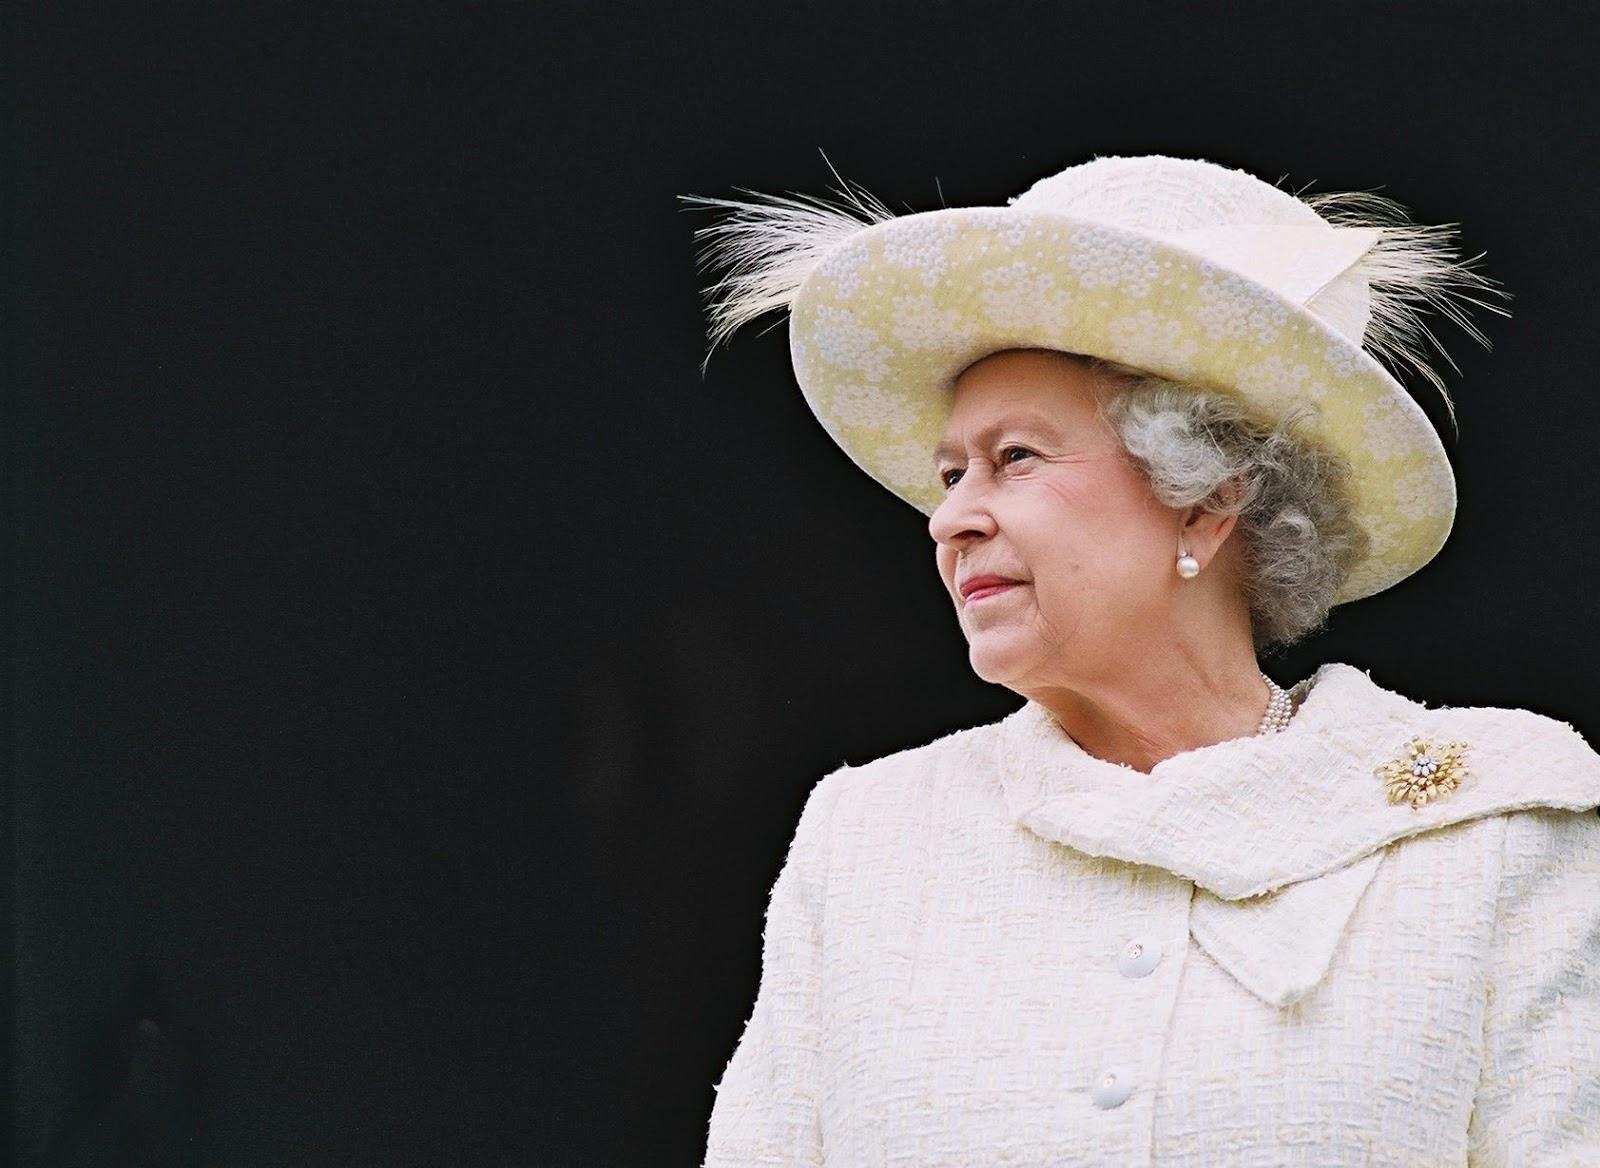 Букингемский дворец обнародовал новое фото к90-летию королевы ЕлизаветыII